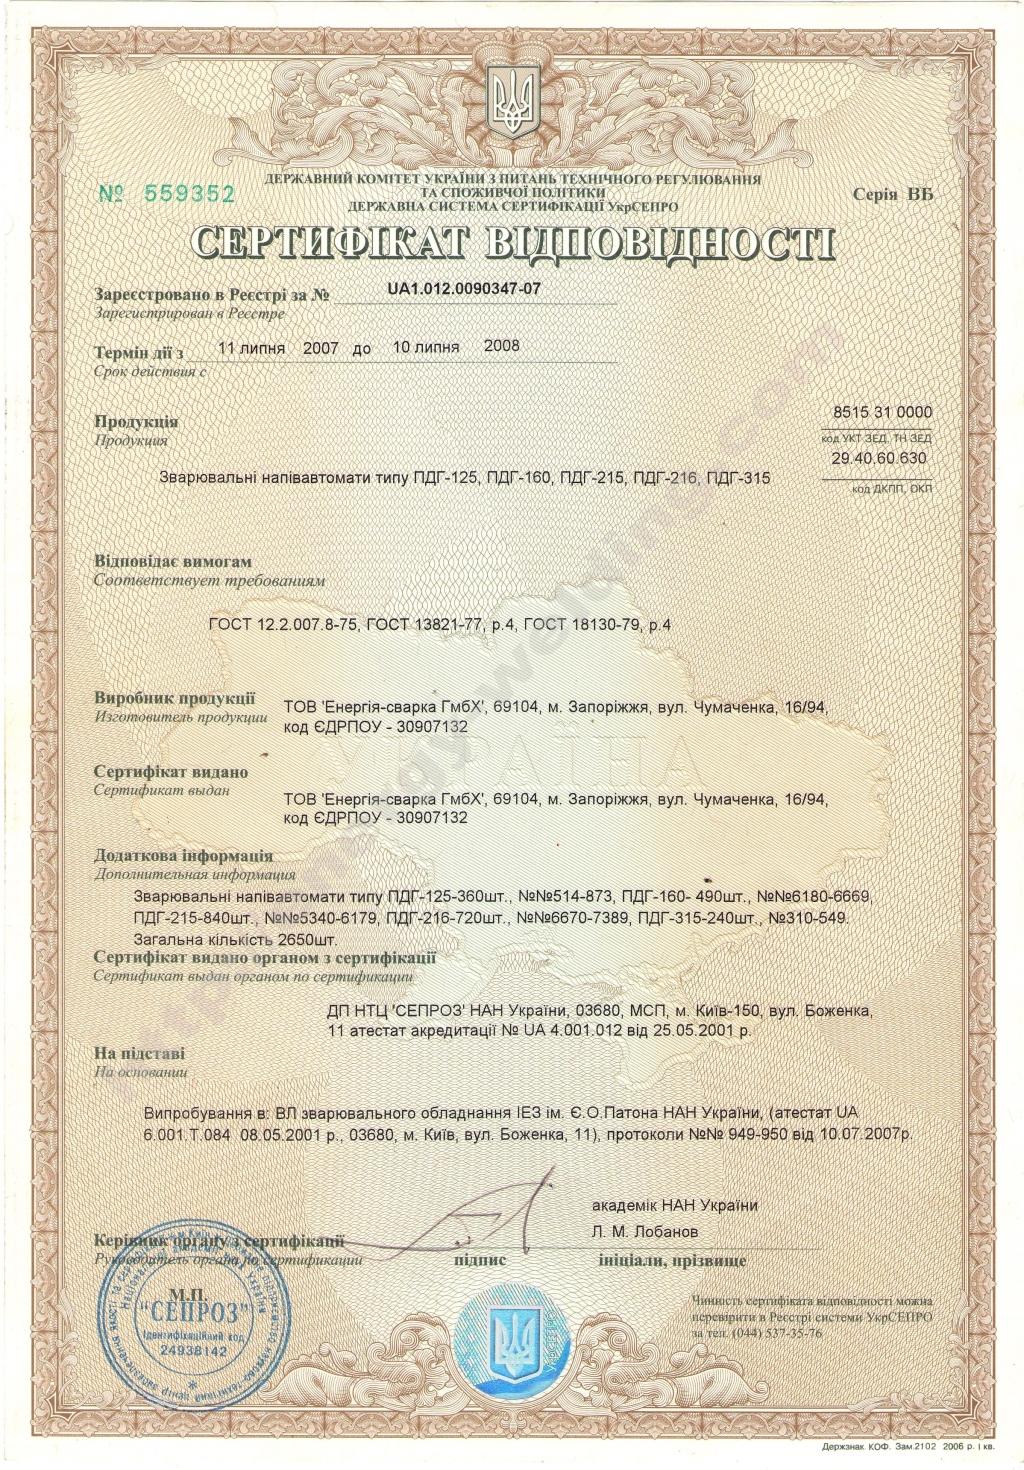 3.Сертификат Соответствия Энергия Сварка